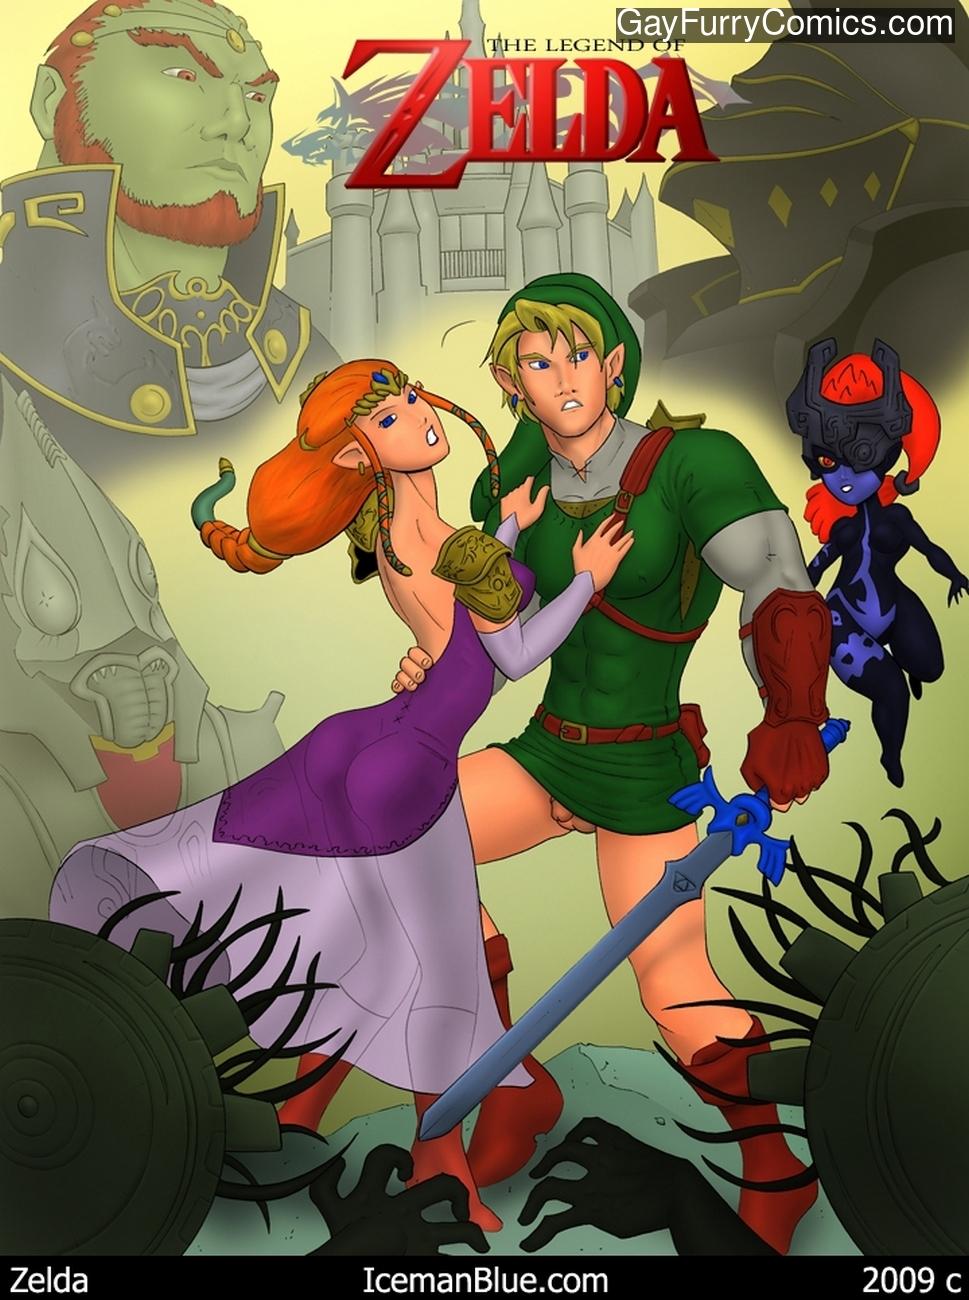 The Legend Of Zelda gay furries